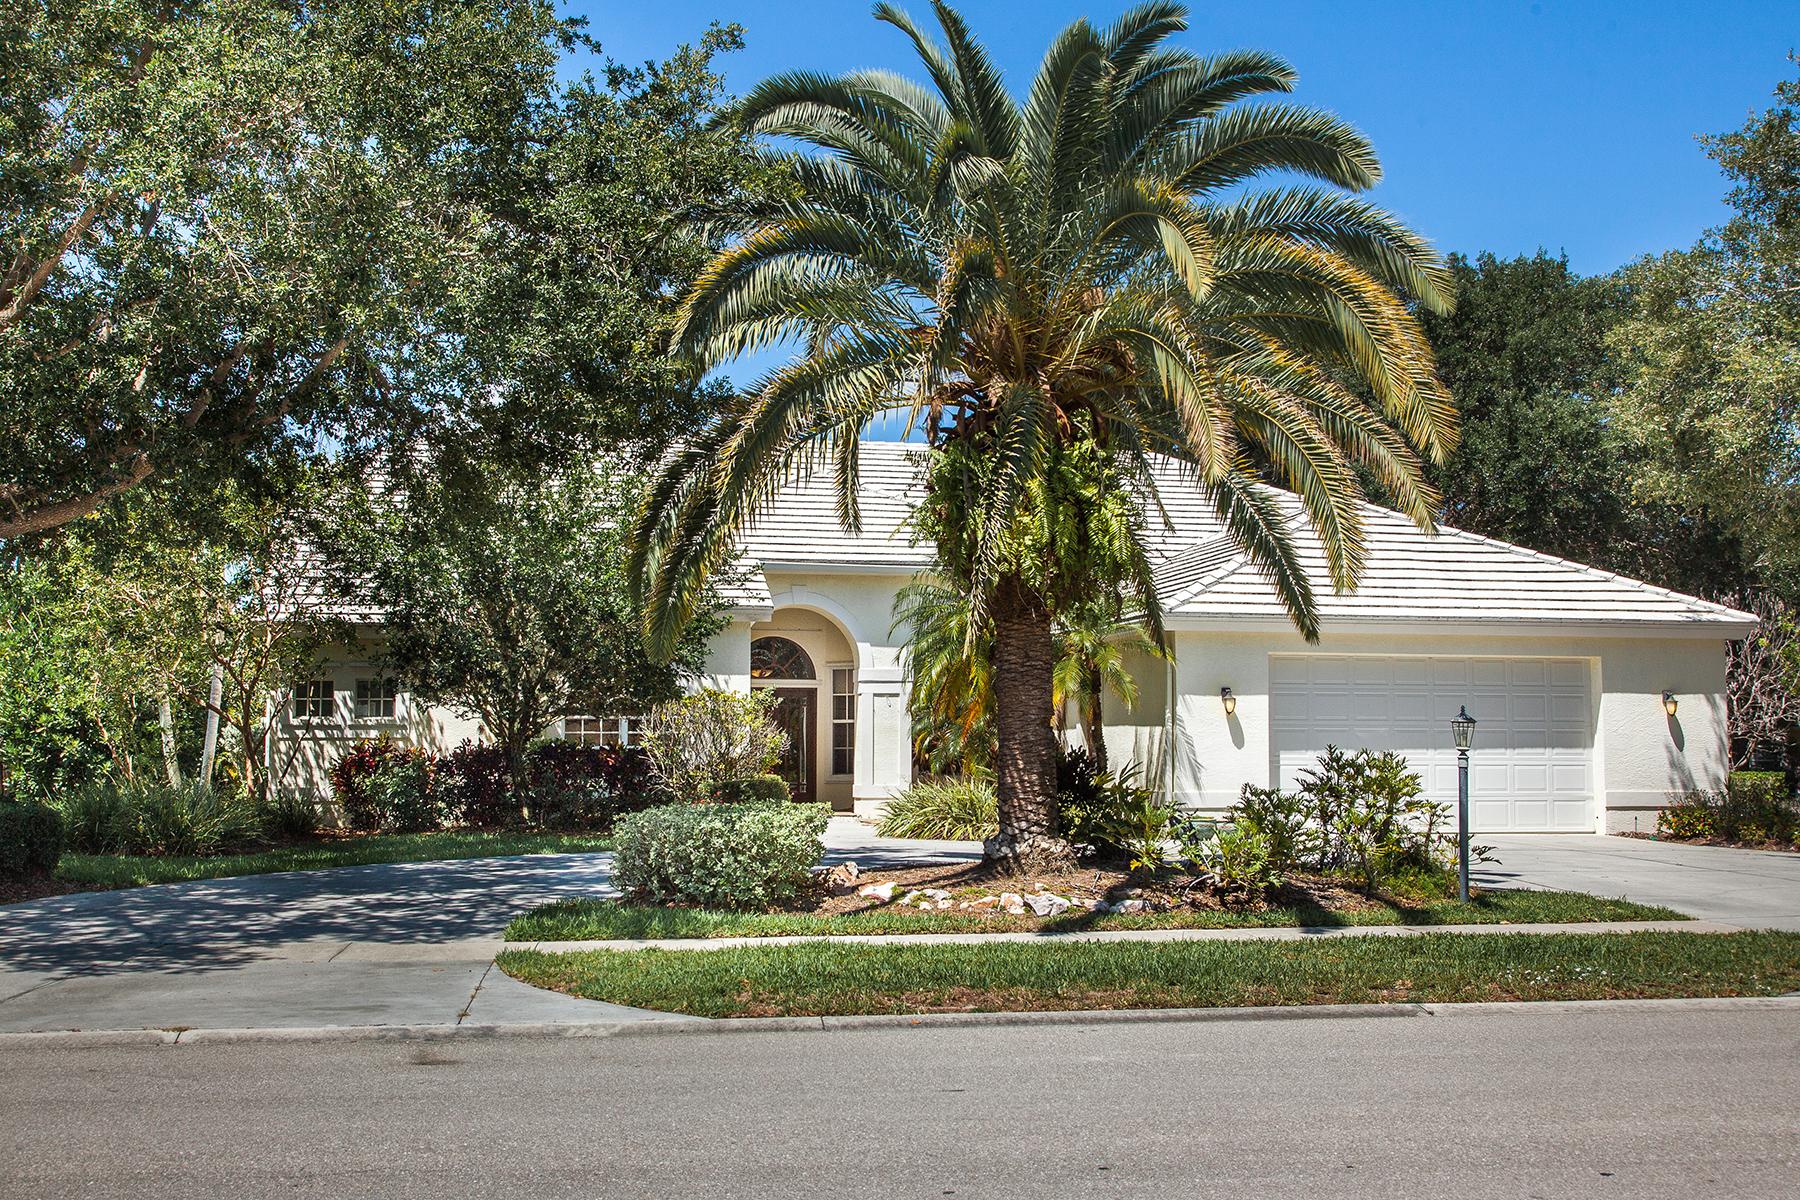 一戸建て のために 売買 アット MONTEREY 2119 Mission Dr Naples, フロリダ, 34109 アメリカ合衆国